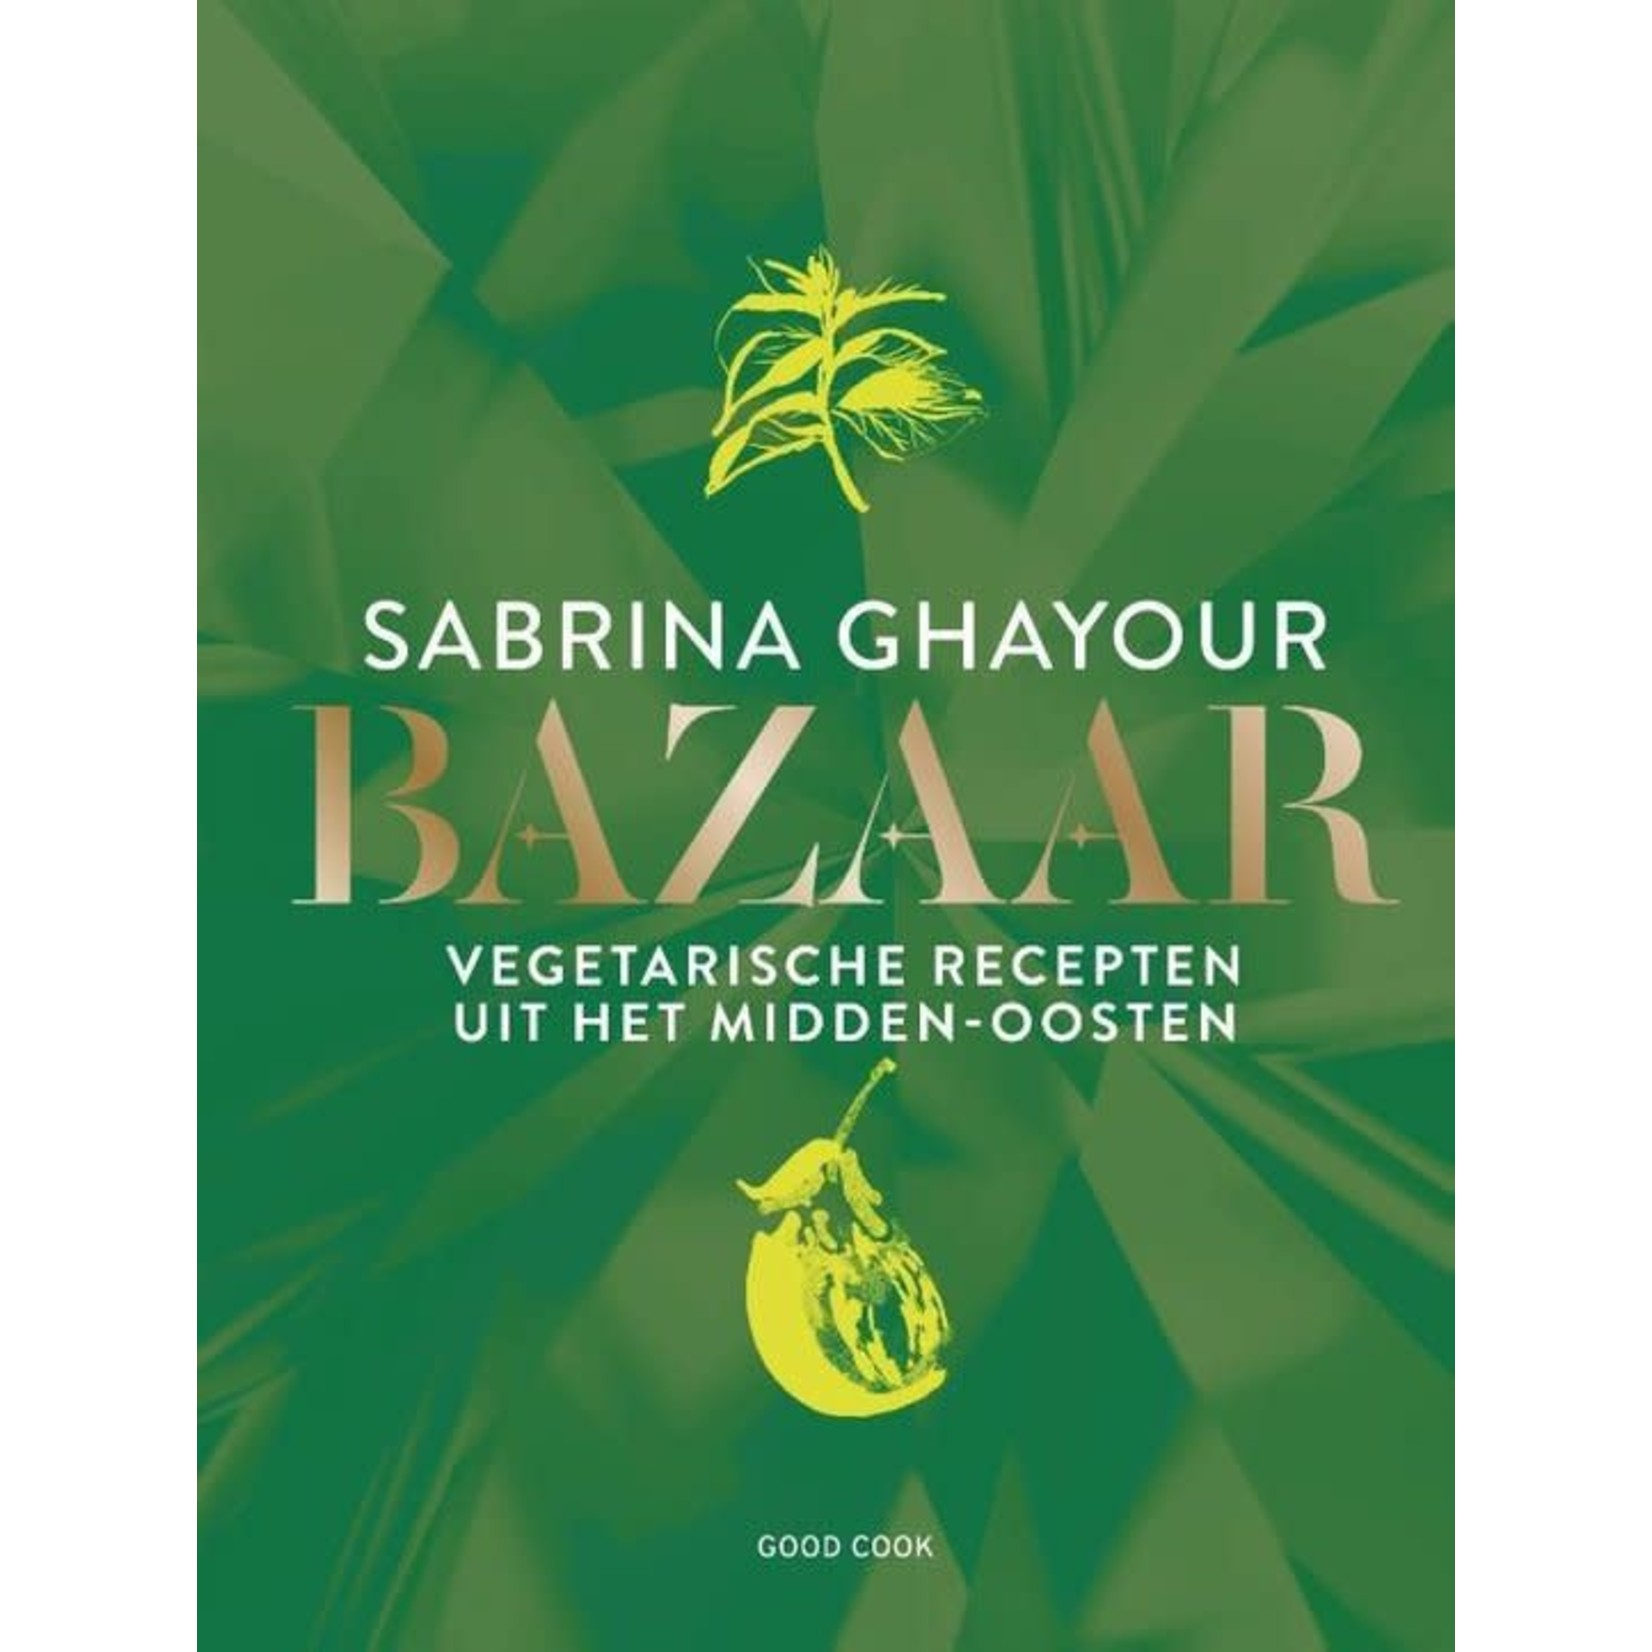 Bazaar - Vegetarische recepten uit het Midden-Oosten